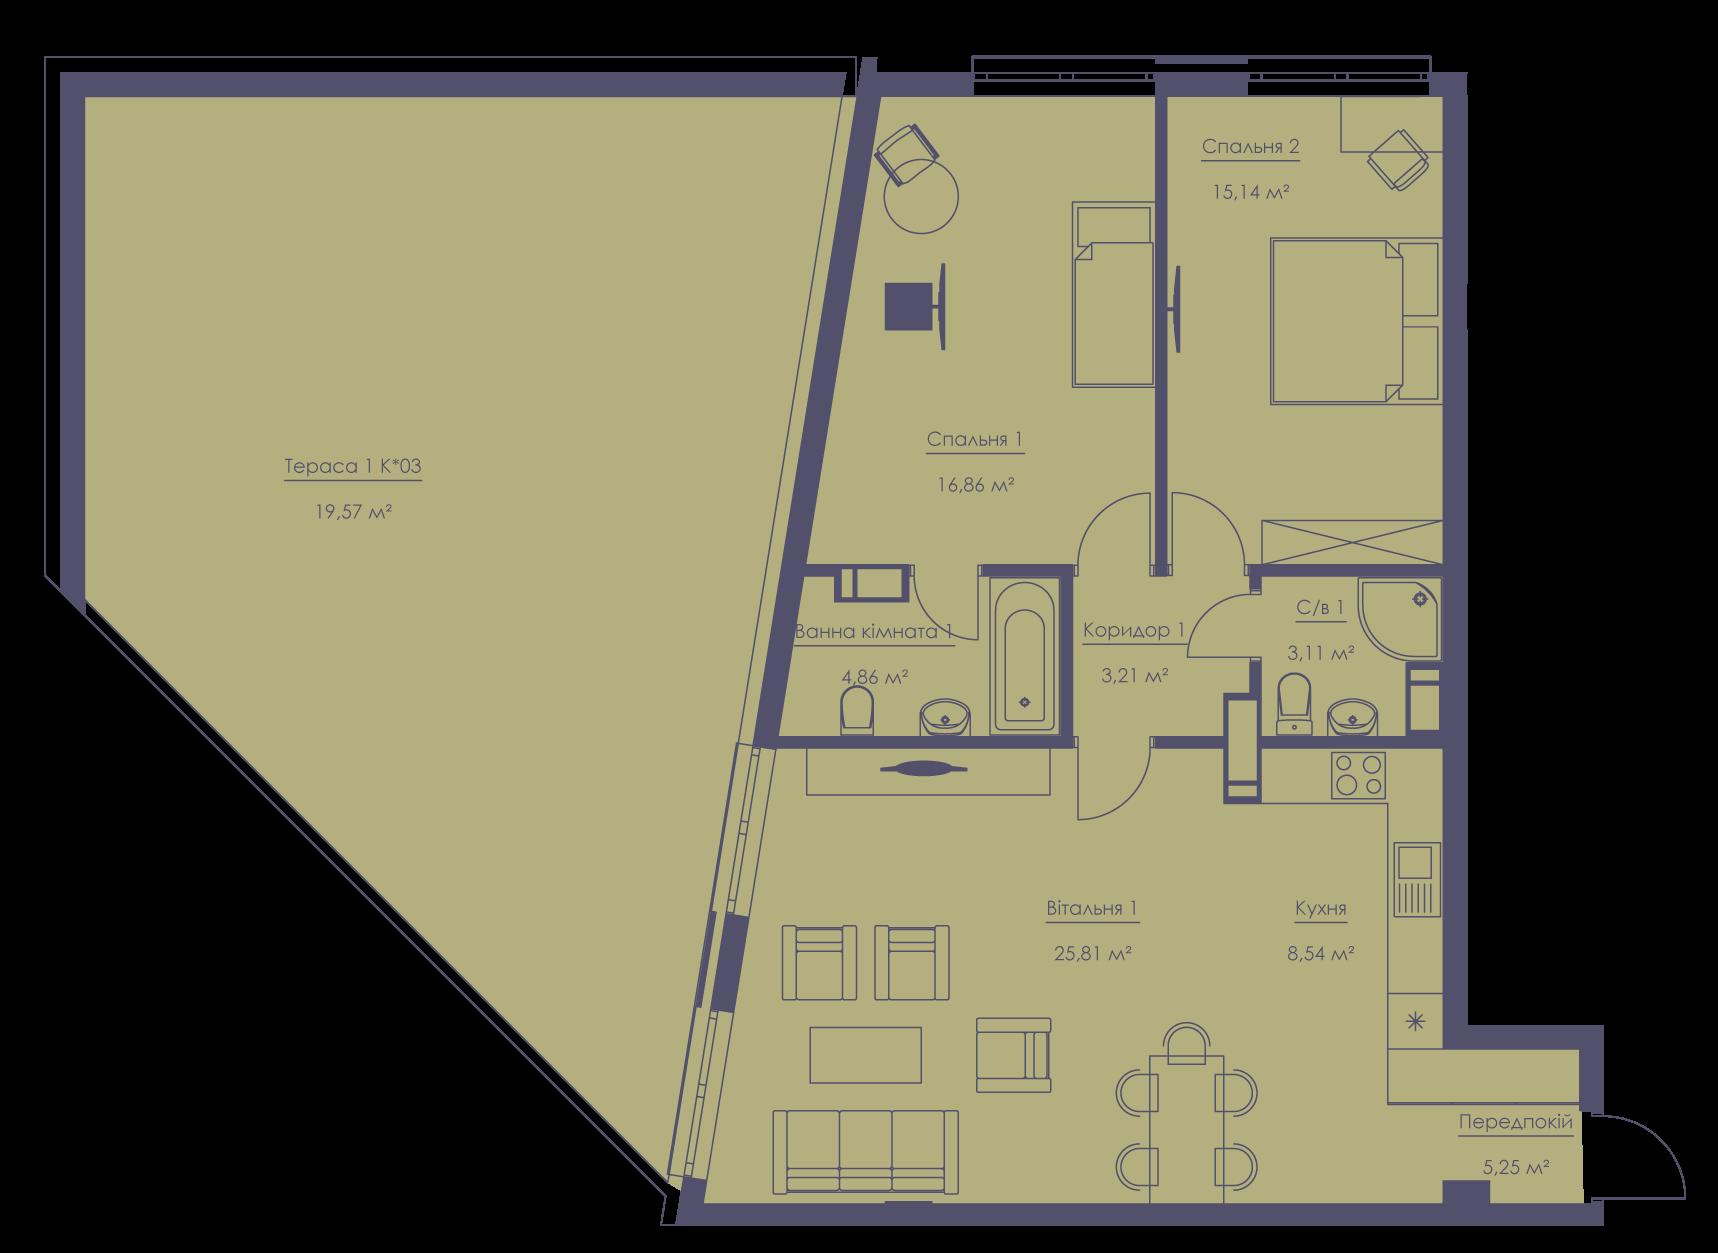 Apartment layout KV_30_1.2n_1_1_7-1